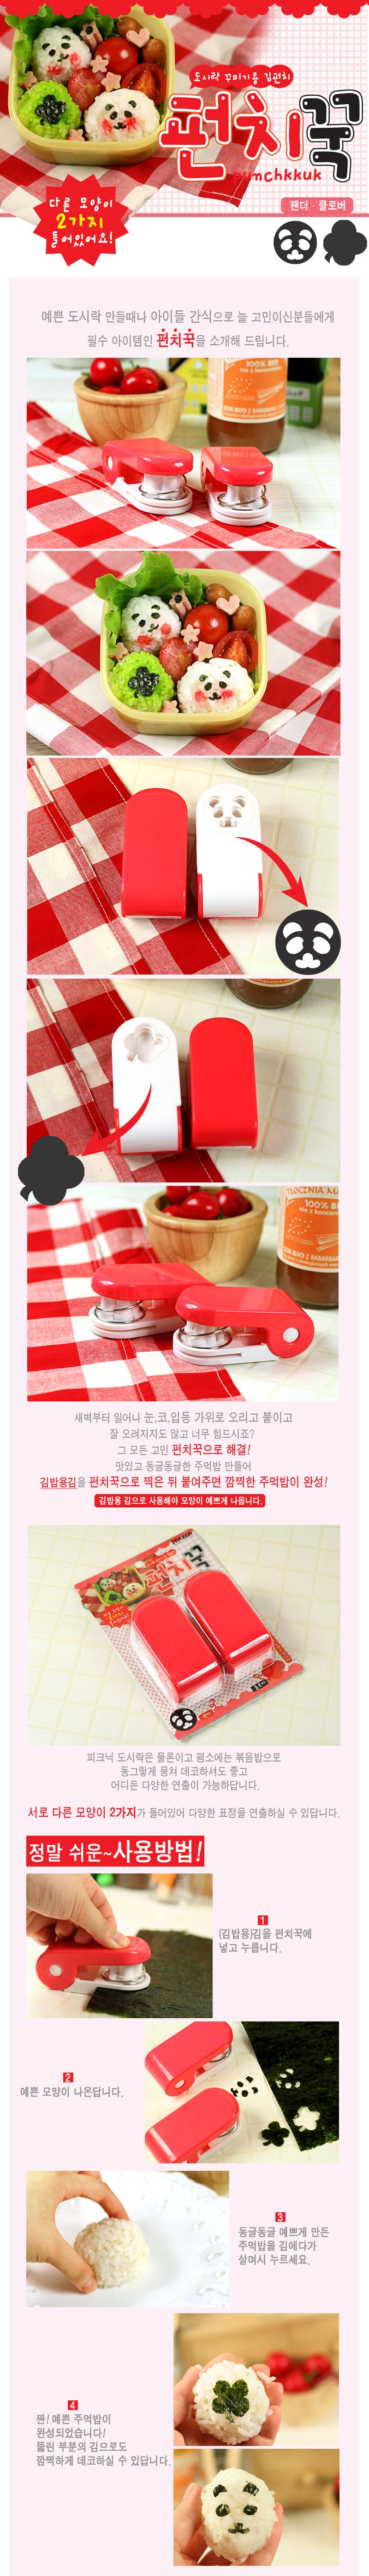 펀치꾹 레드(팬더+클로버) - 미스터베이쿡, 3,500원, 피크닉도시락/식기, 피크닉도시락통